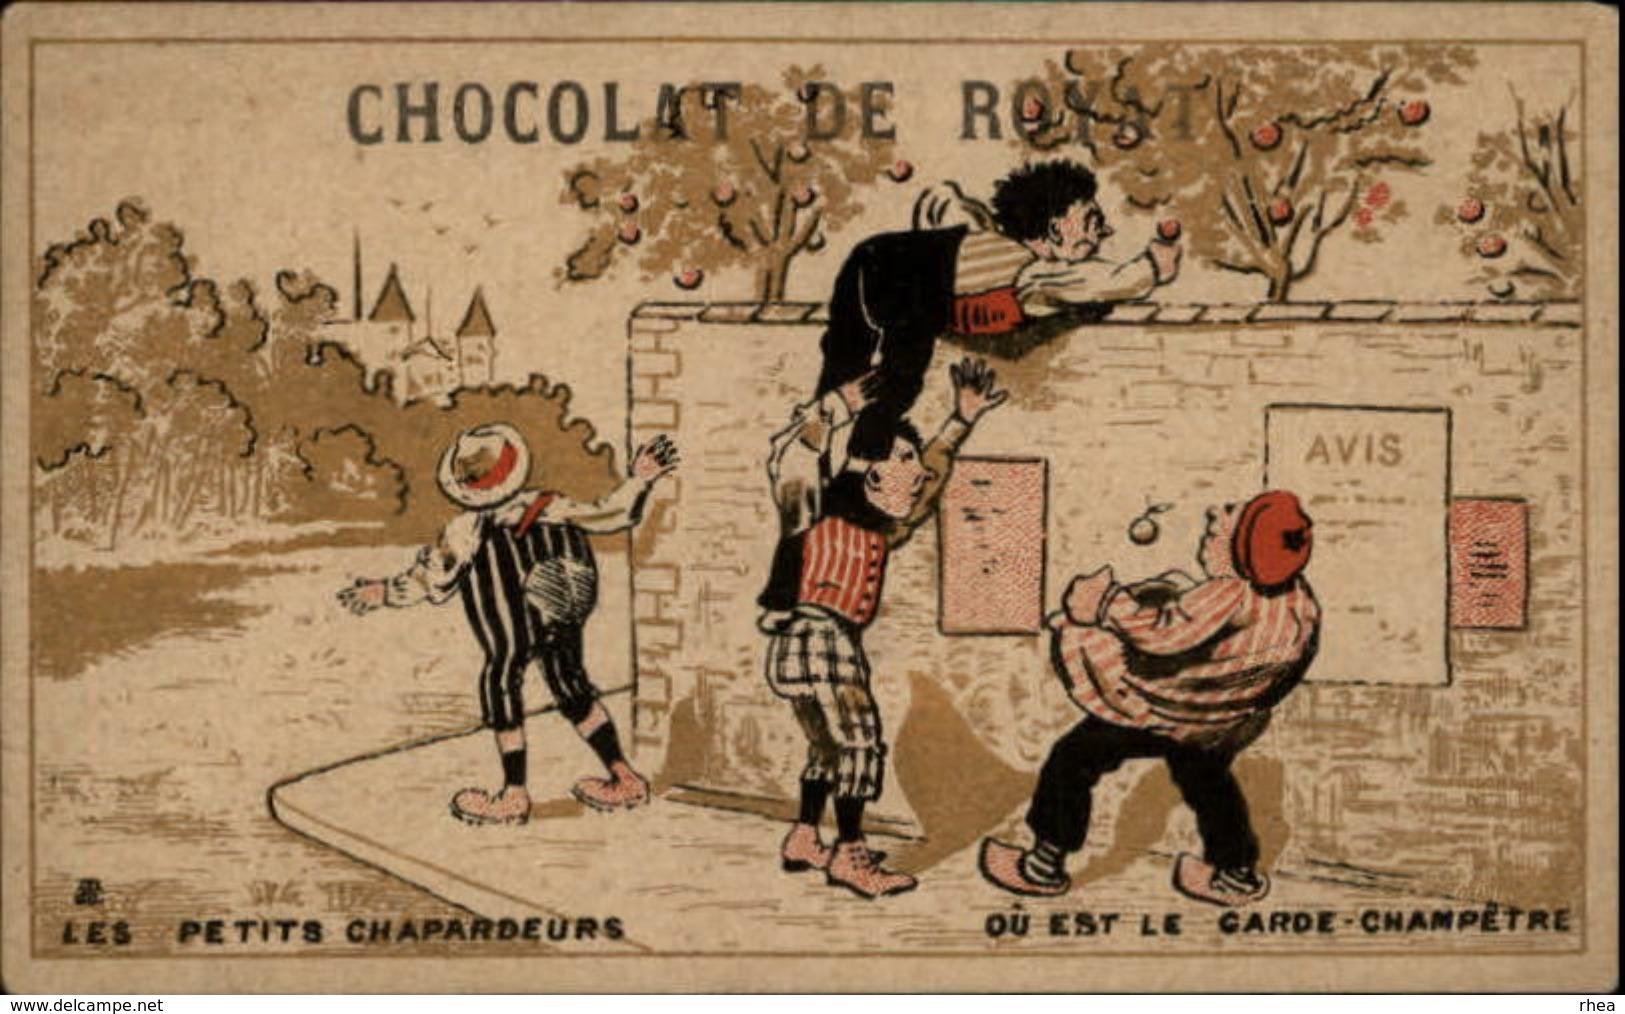 CHROMOS - Pub Pour Chocolat De Royat - Objet à Chercher - Chocolat